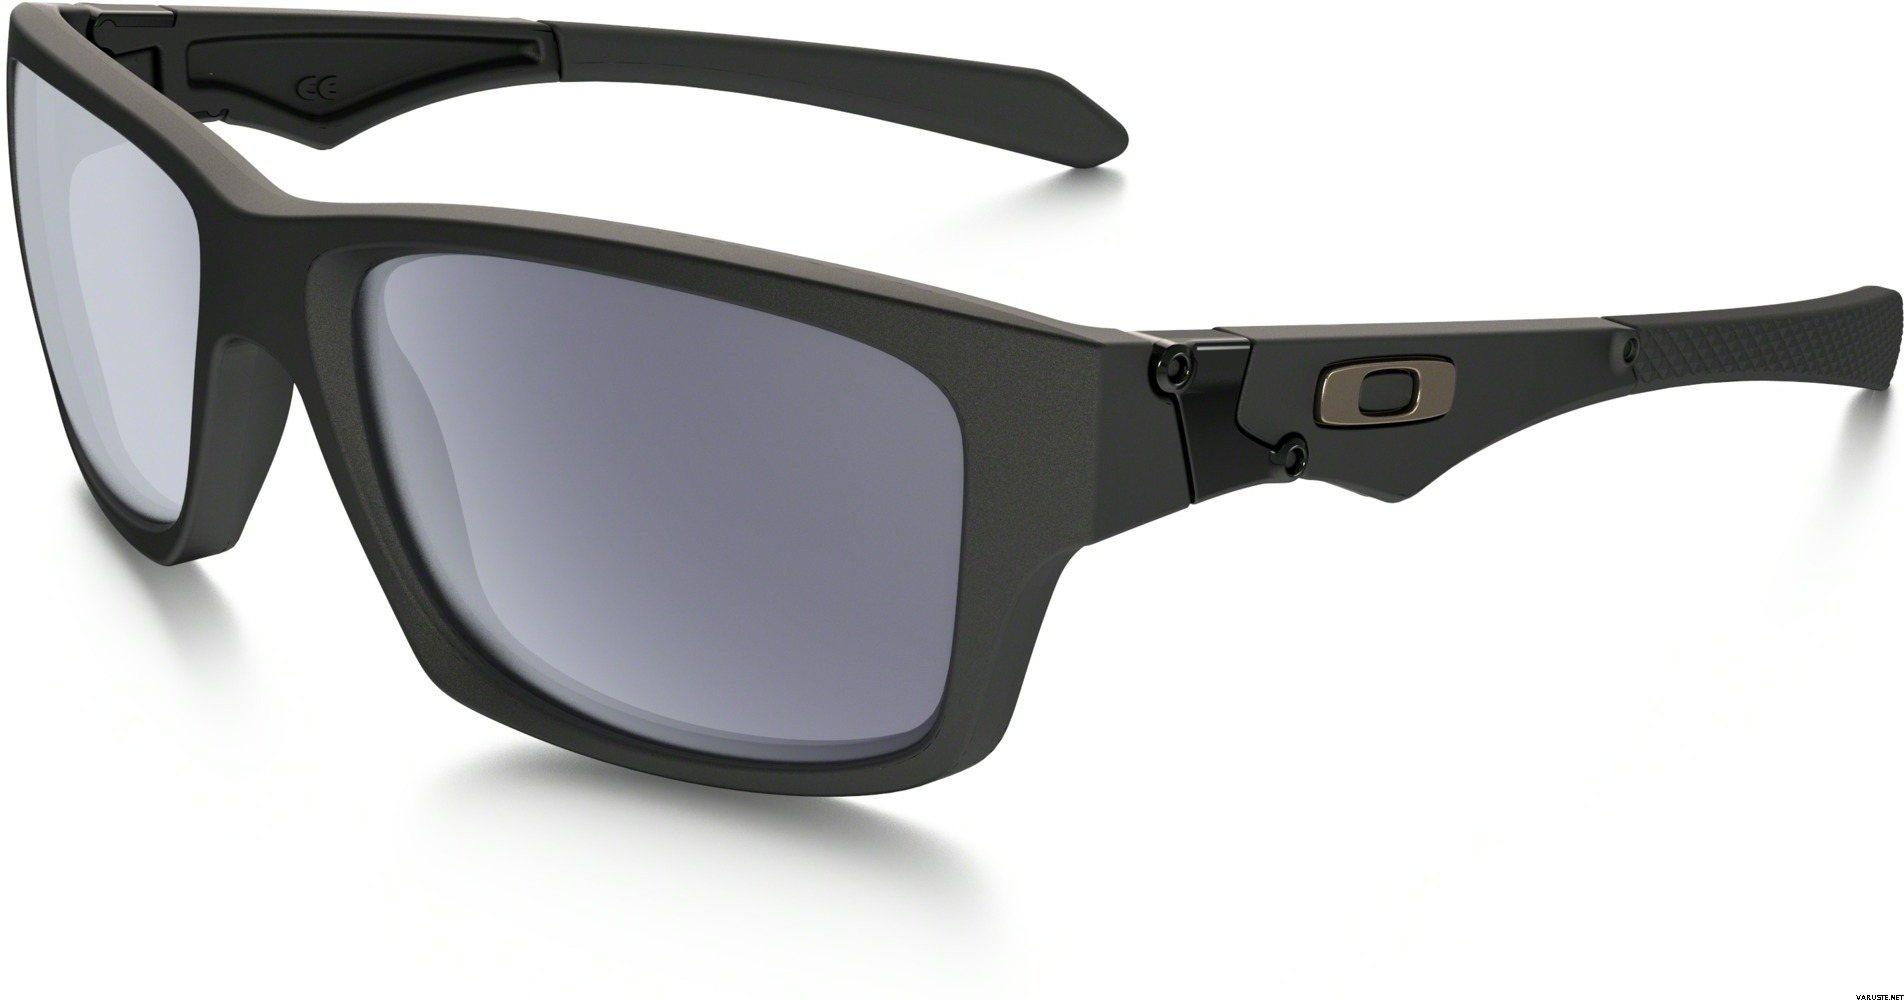 Oakley Sonnenbrille Jupiter, UV 400, schwarz